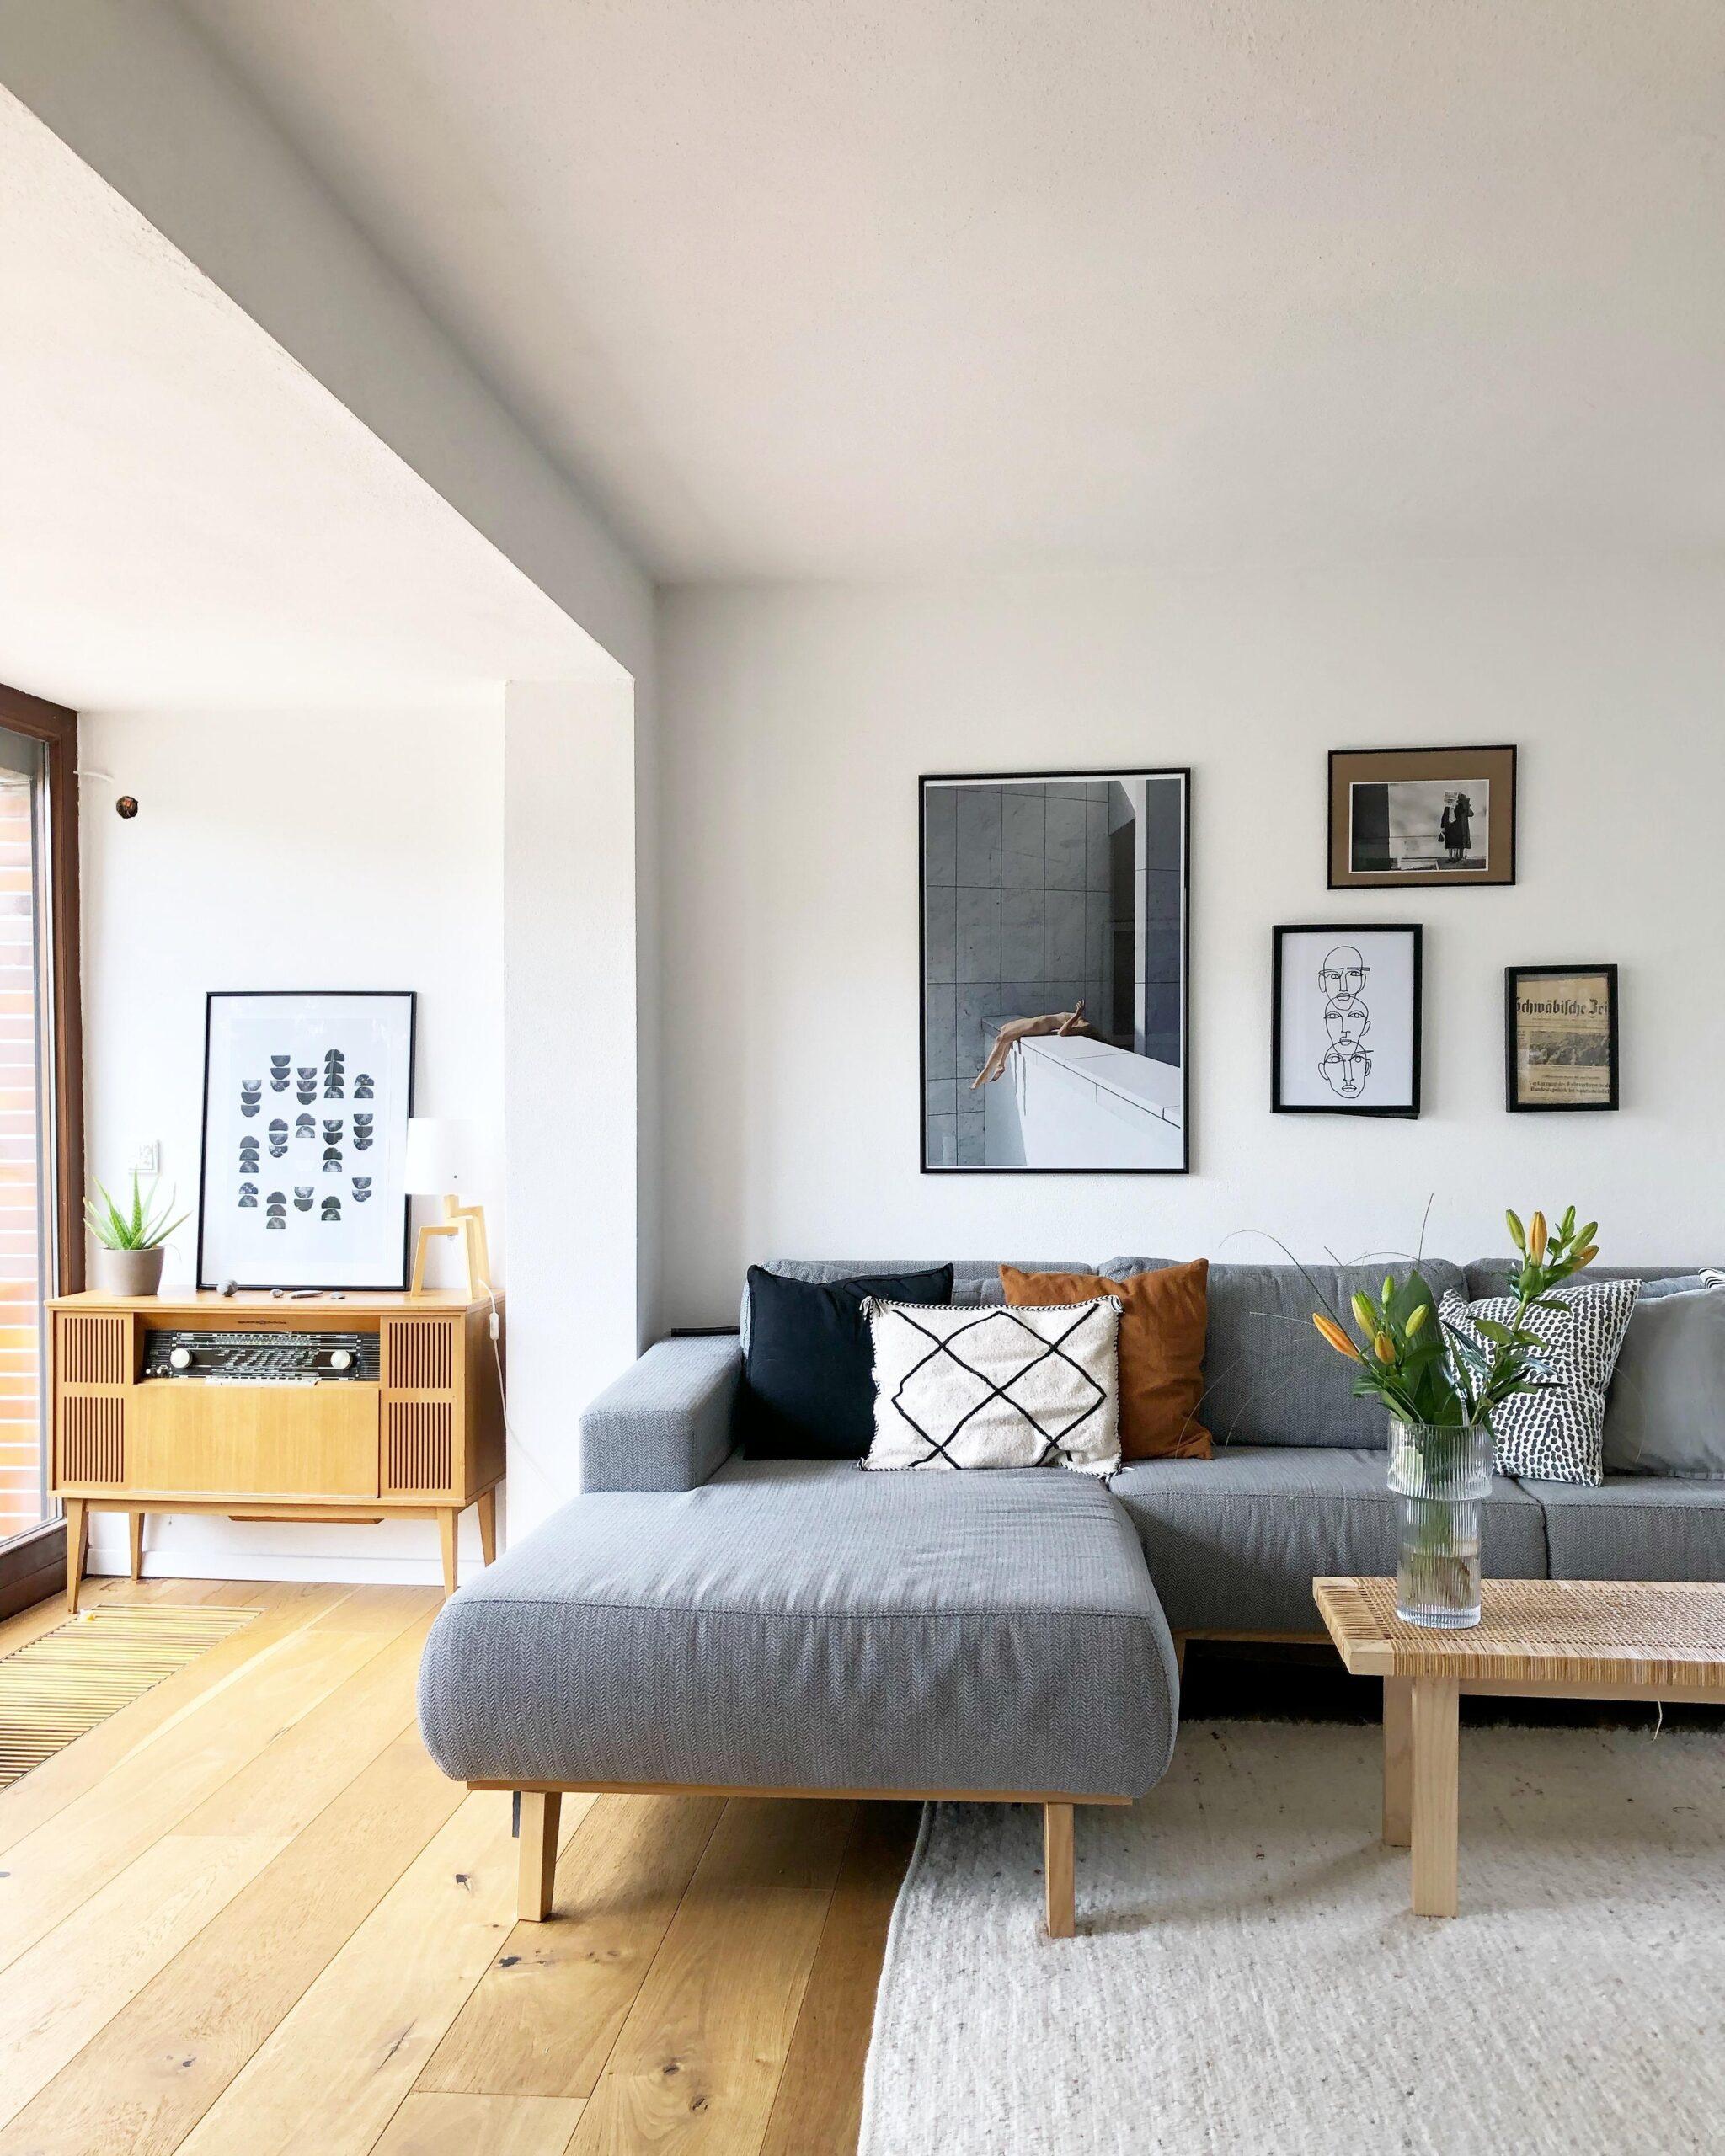 Full Size of Graues Sofa Welcher Teppich Dekoration Kissenfarbe Wandfarbe Graue Couch Kombinieren Gelbe Kissen Wohnzimmer Brauner Welche Passt Kleines Ikea Blauer Bilder Sofa Graues Sofa